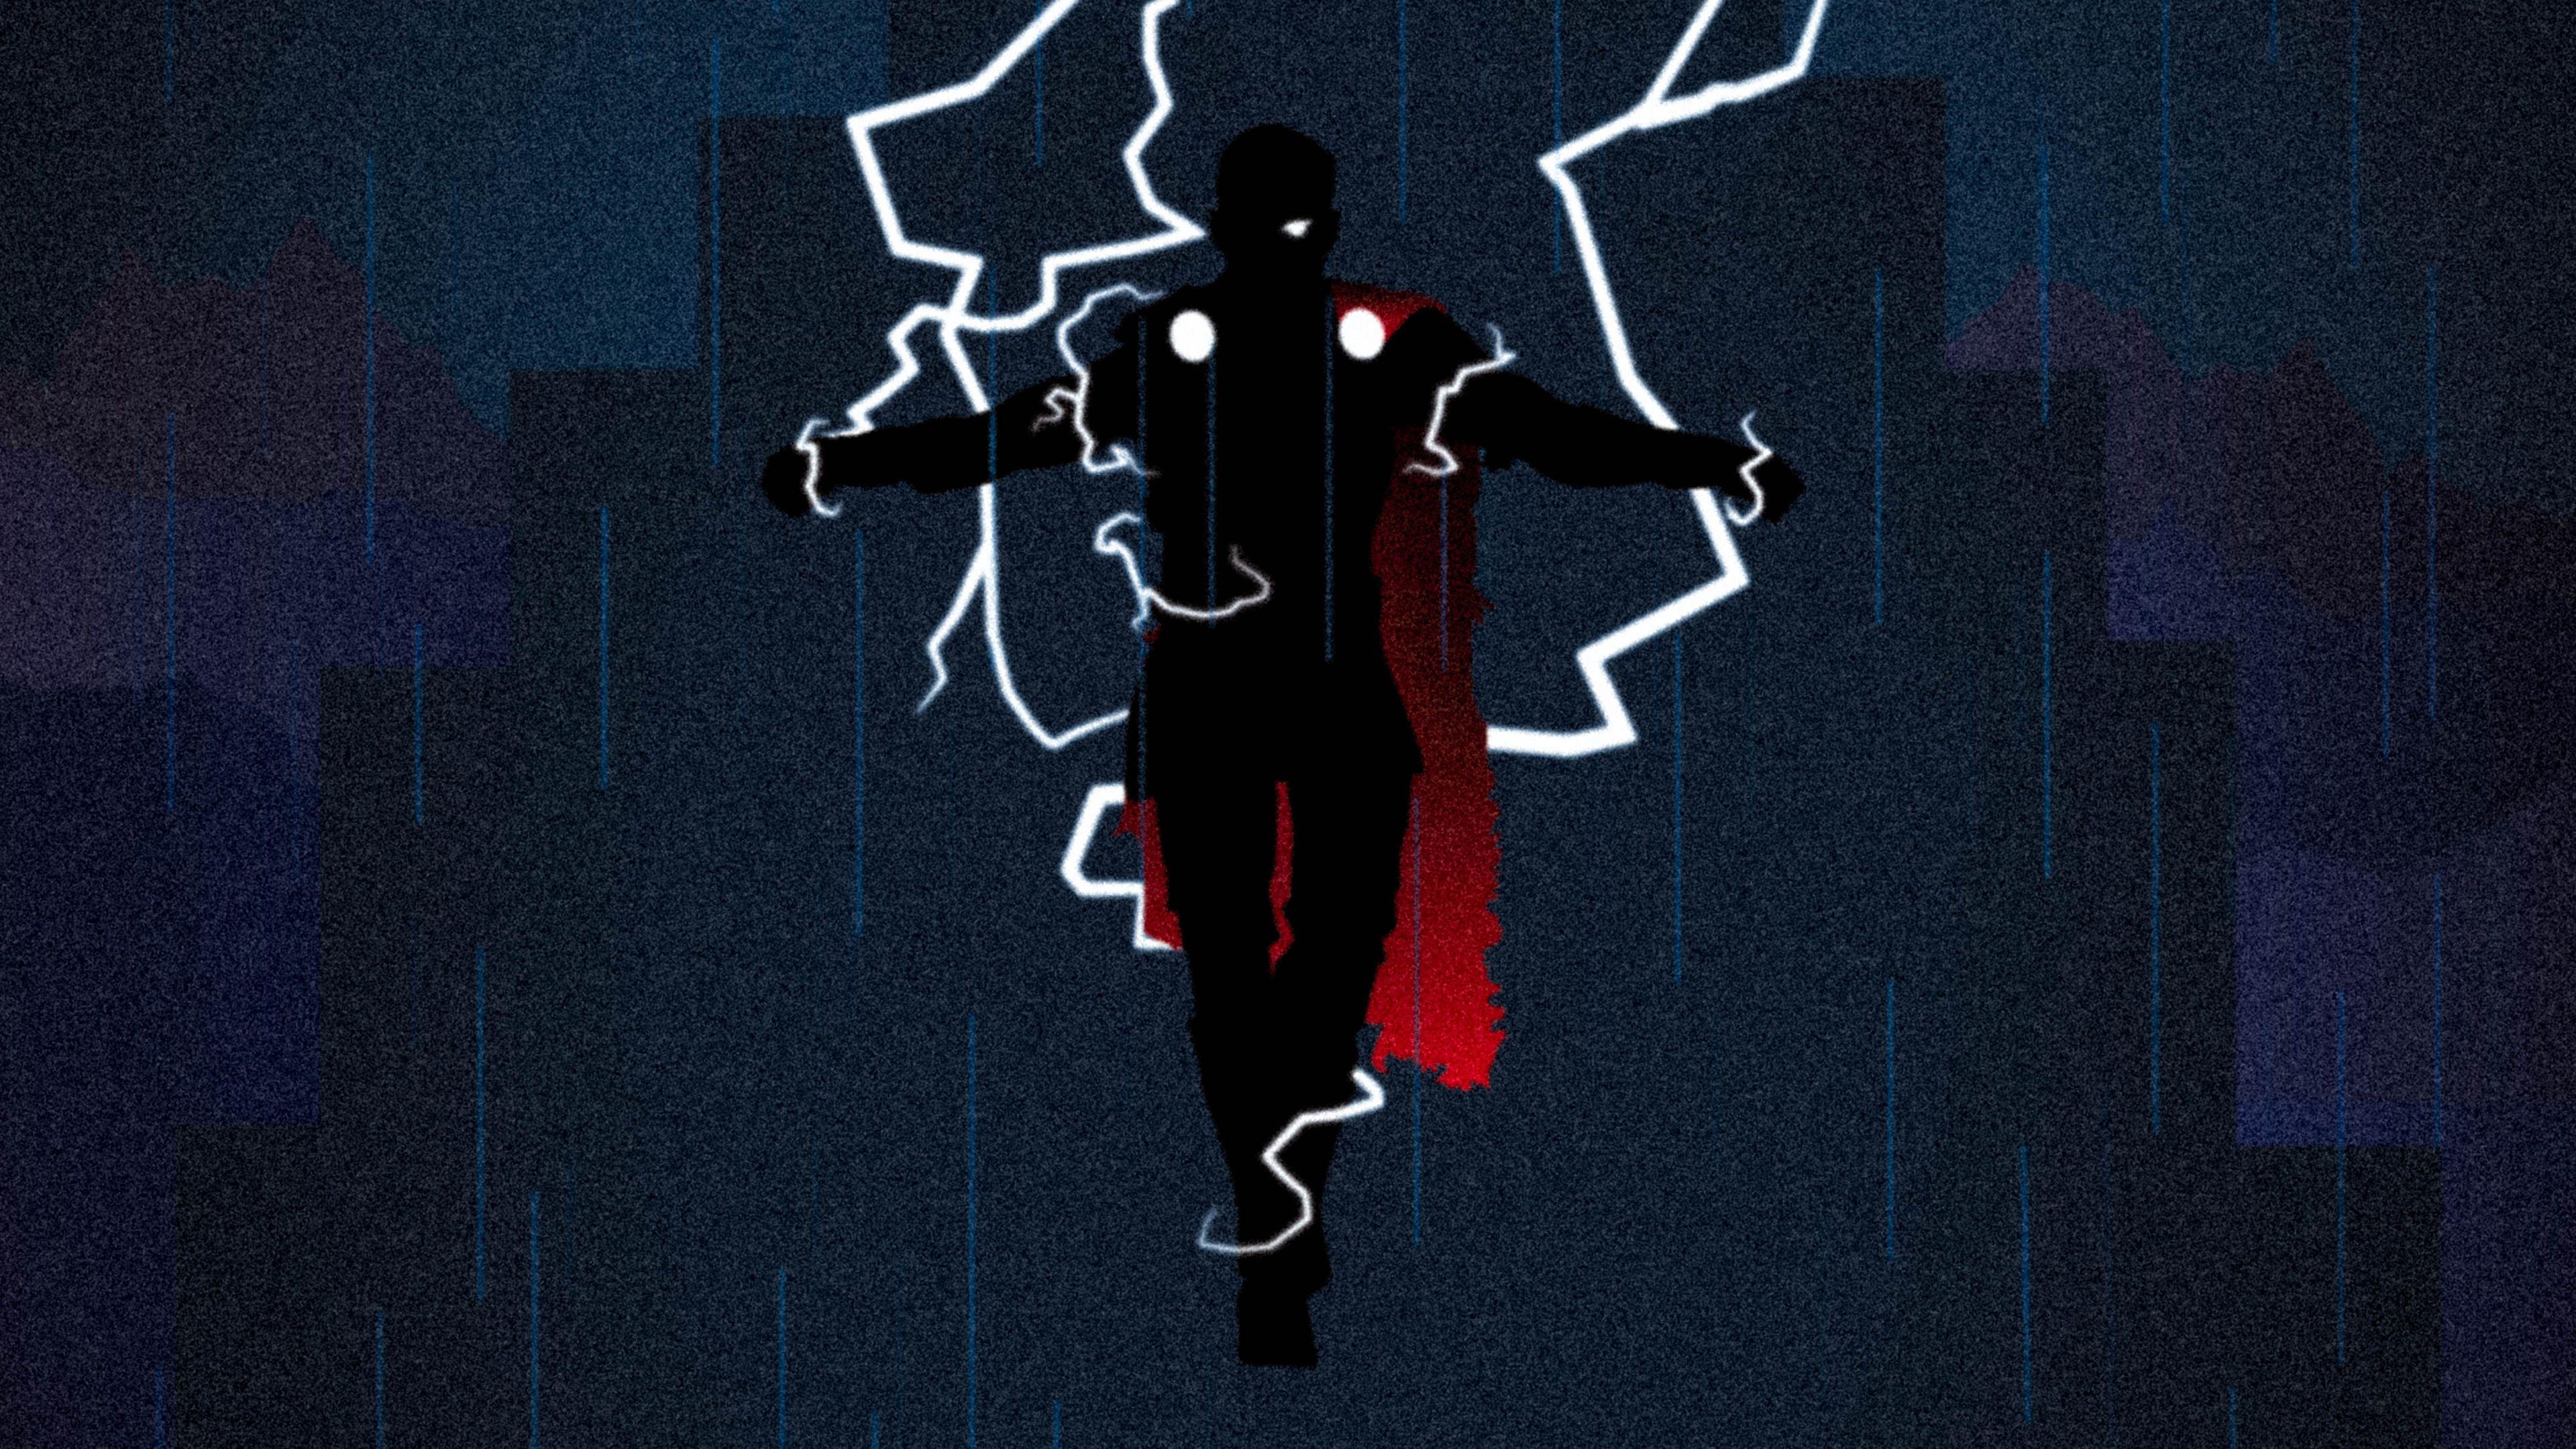 God Of Thunder Thor 4k Thor Wallpapers Superheroes Wallpapers Hd Wallpapers Digital Art Wallpapers Behance Thor Wallpaper Superhero Wallpaper Art Wallpaper